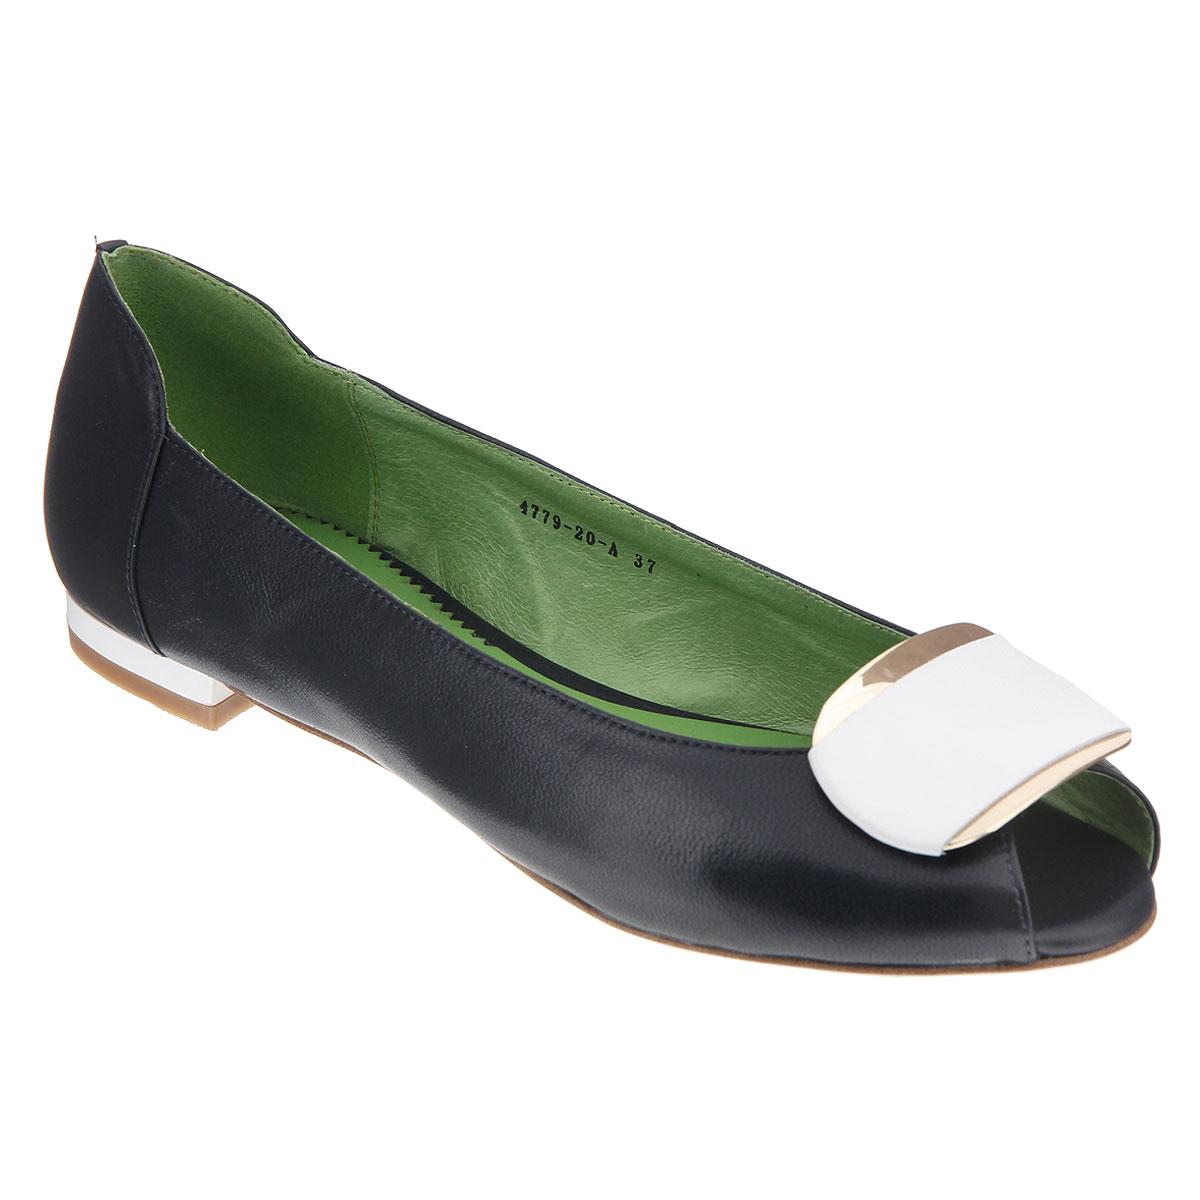 Туфли женские. 4779-20-A4779-20-AЖенские туфли на низком ходу от Lisette прекрасно подчеркнут ваш стиль. Верх модели и внутренняя часть выполнены из натуральной кожи. Стелька из натуральной кожи гарантирует комфорт и удобство при ходьбе. Открытый носок добавляет женственности в образ. Оформлено изделие декоративным элементом со вставкой из кожи контрастного цвета. Подошва выполнена из прочной резины с противоскользящим рифлением. Такие туфли станут прекрасным дополнением вашего гардероба. Они сделают вас ярче и подчеркнут вашу индивидуальность.